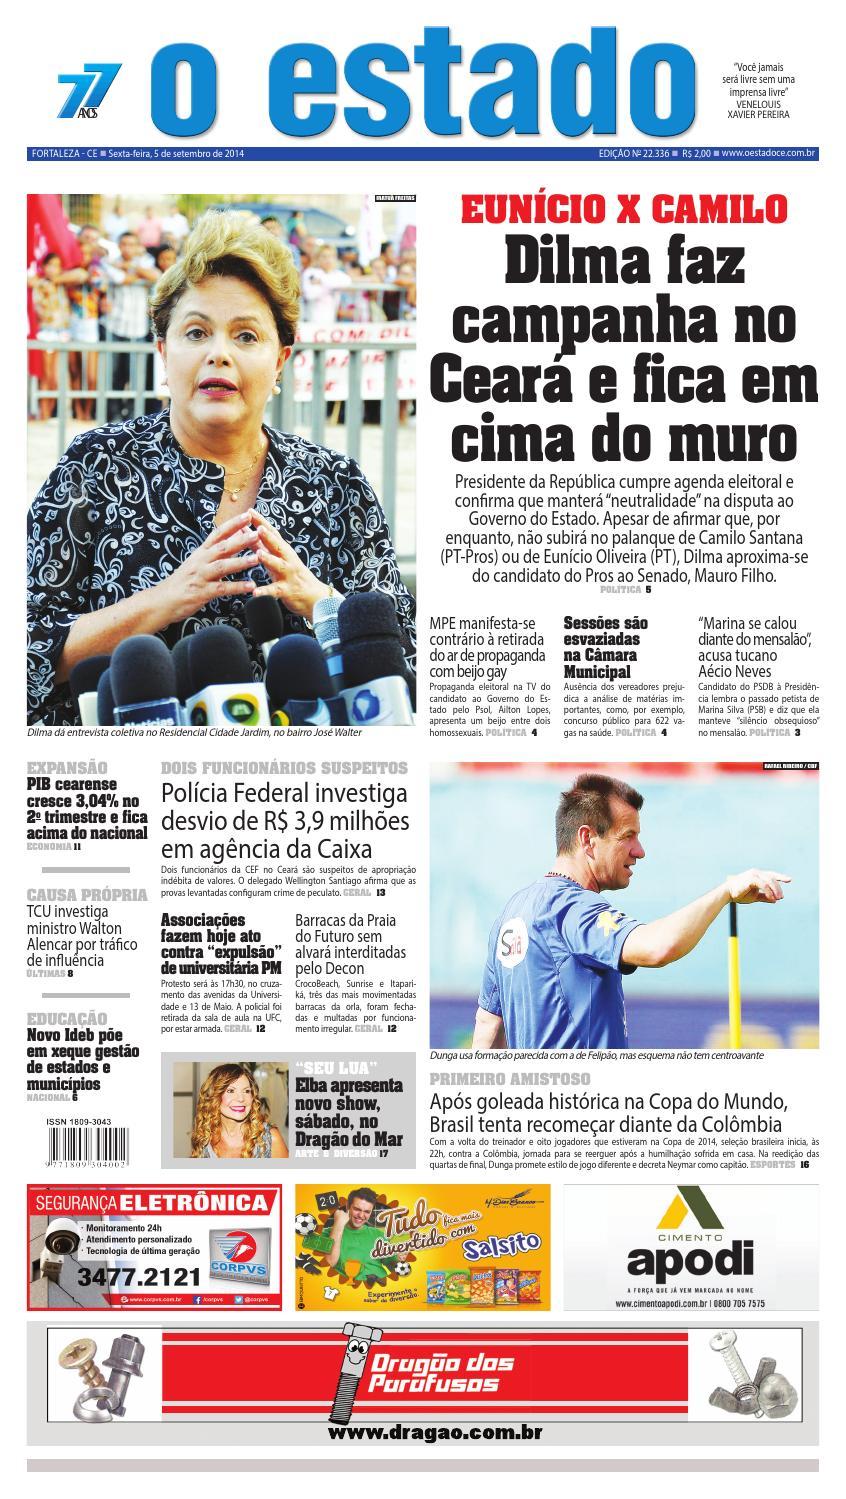 Edição 22336 - 05 de setembro de 2014 by Jornal O Estado (Ceará) - issuu 39c3d54b55edf